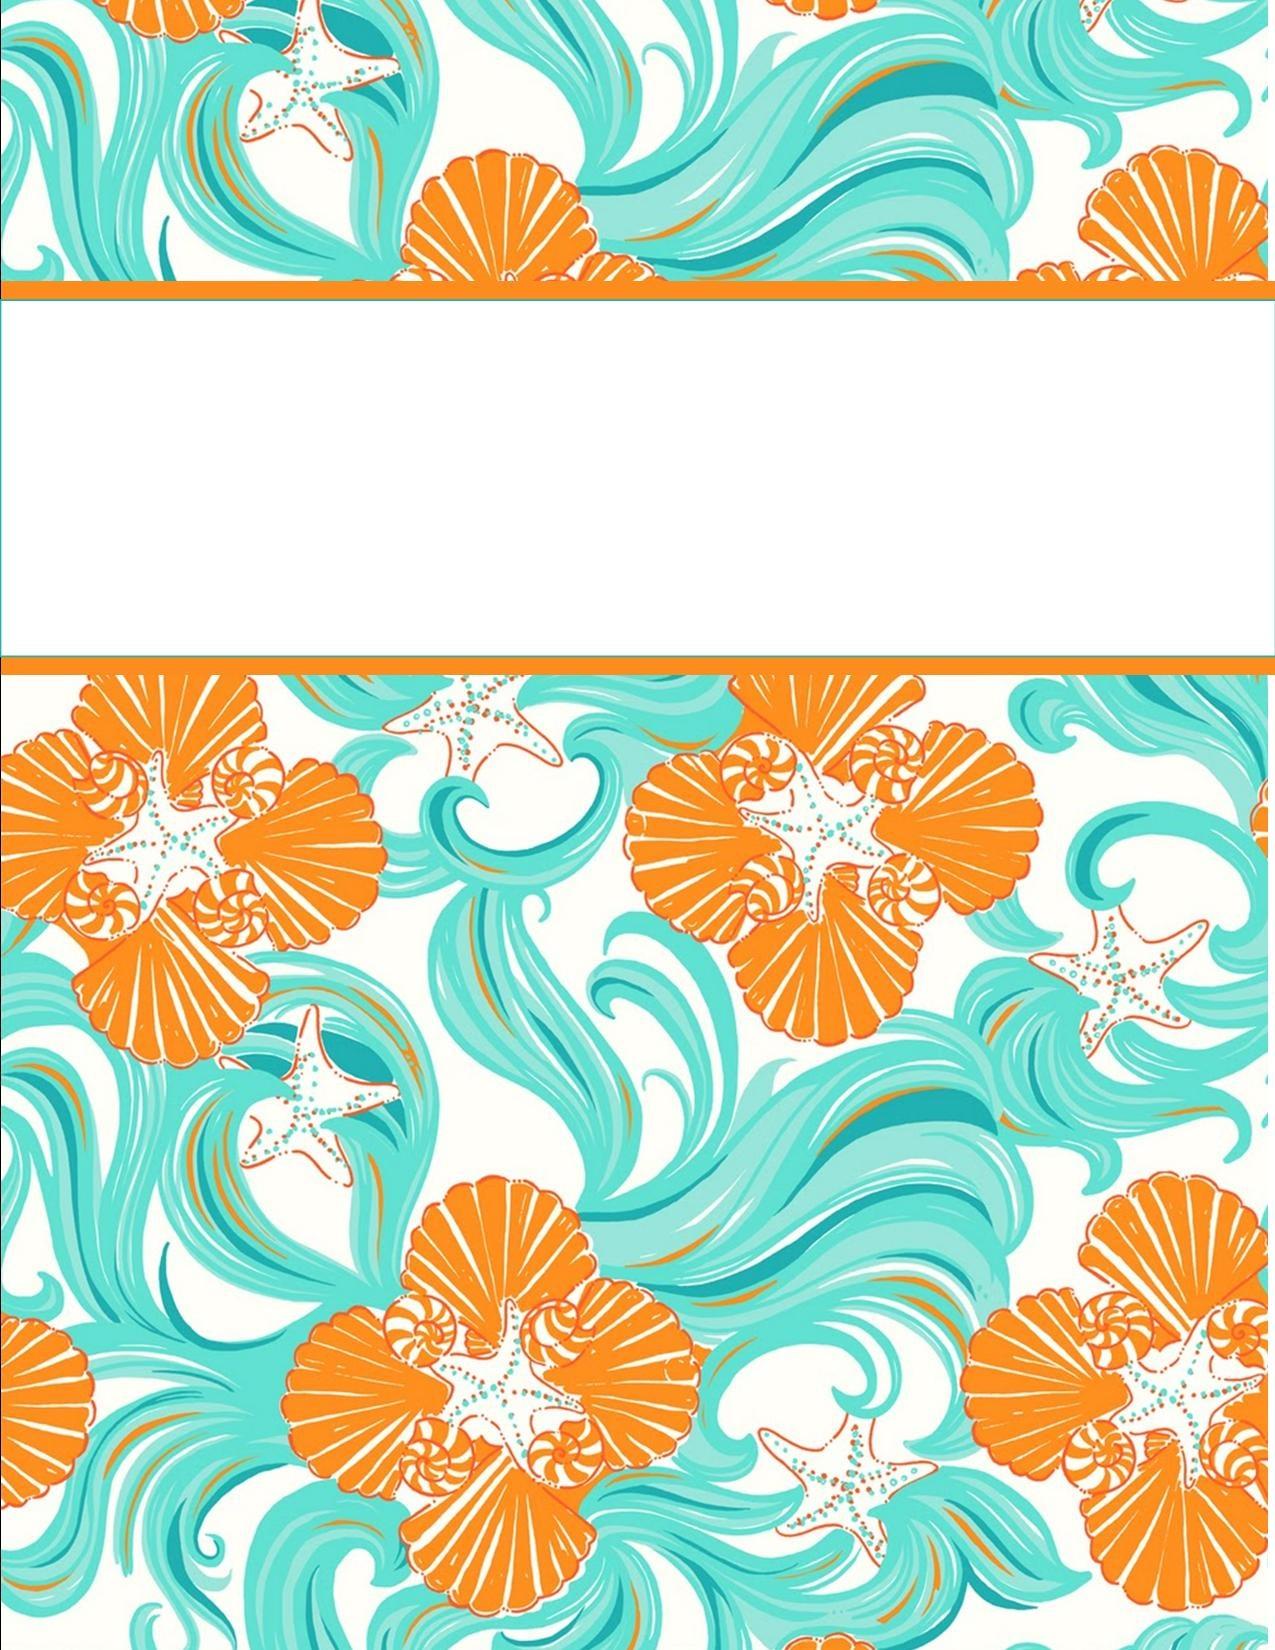 My Cute Binder Covers | Happily Hope - Cute Free Printable Binder Covers